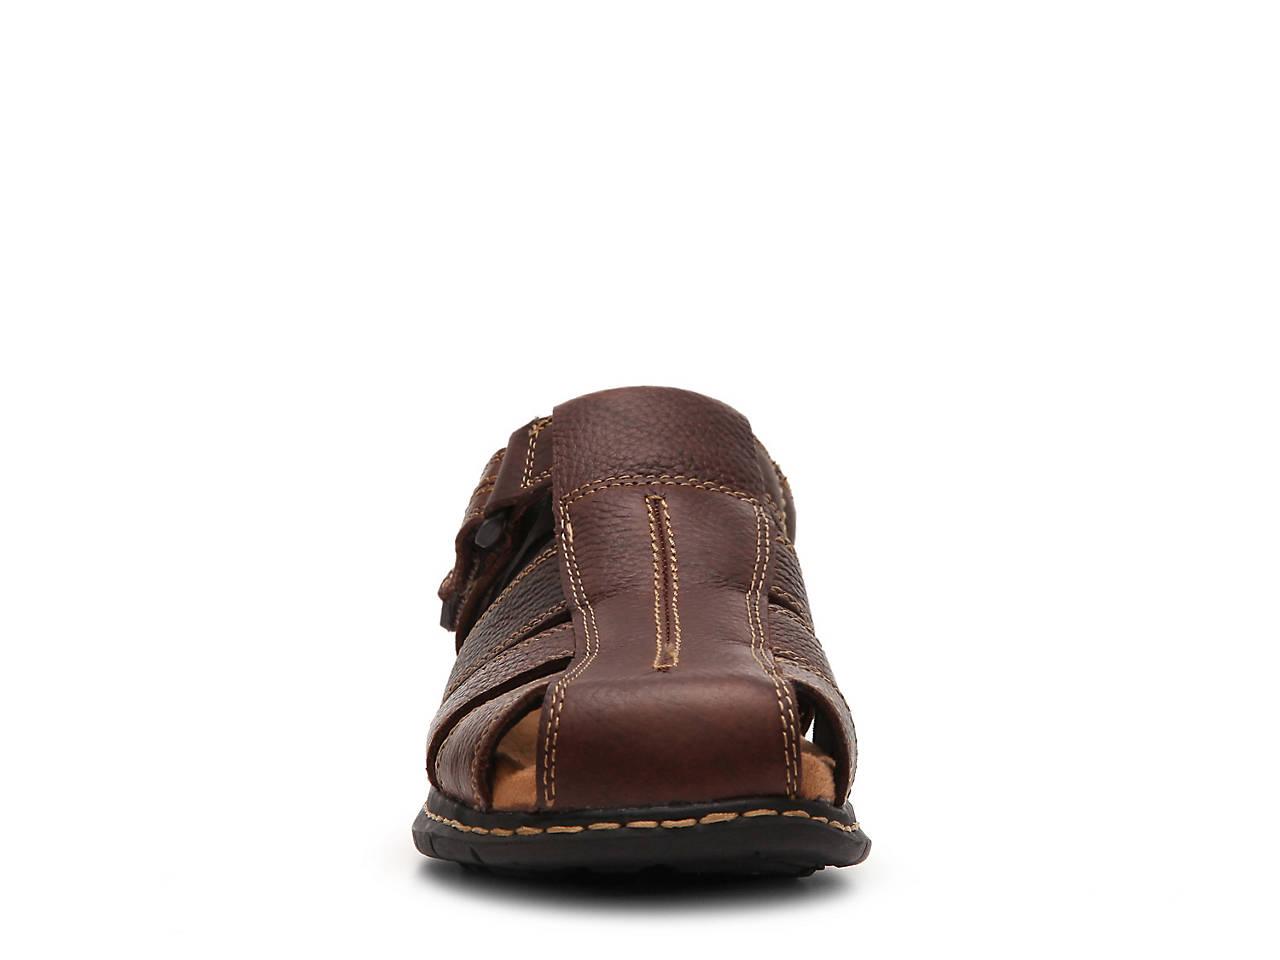 a75edcfc1ea7 Dr. Scholl s Gaston Fisherman Sandal Men s Shoes